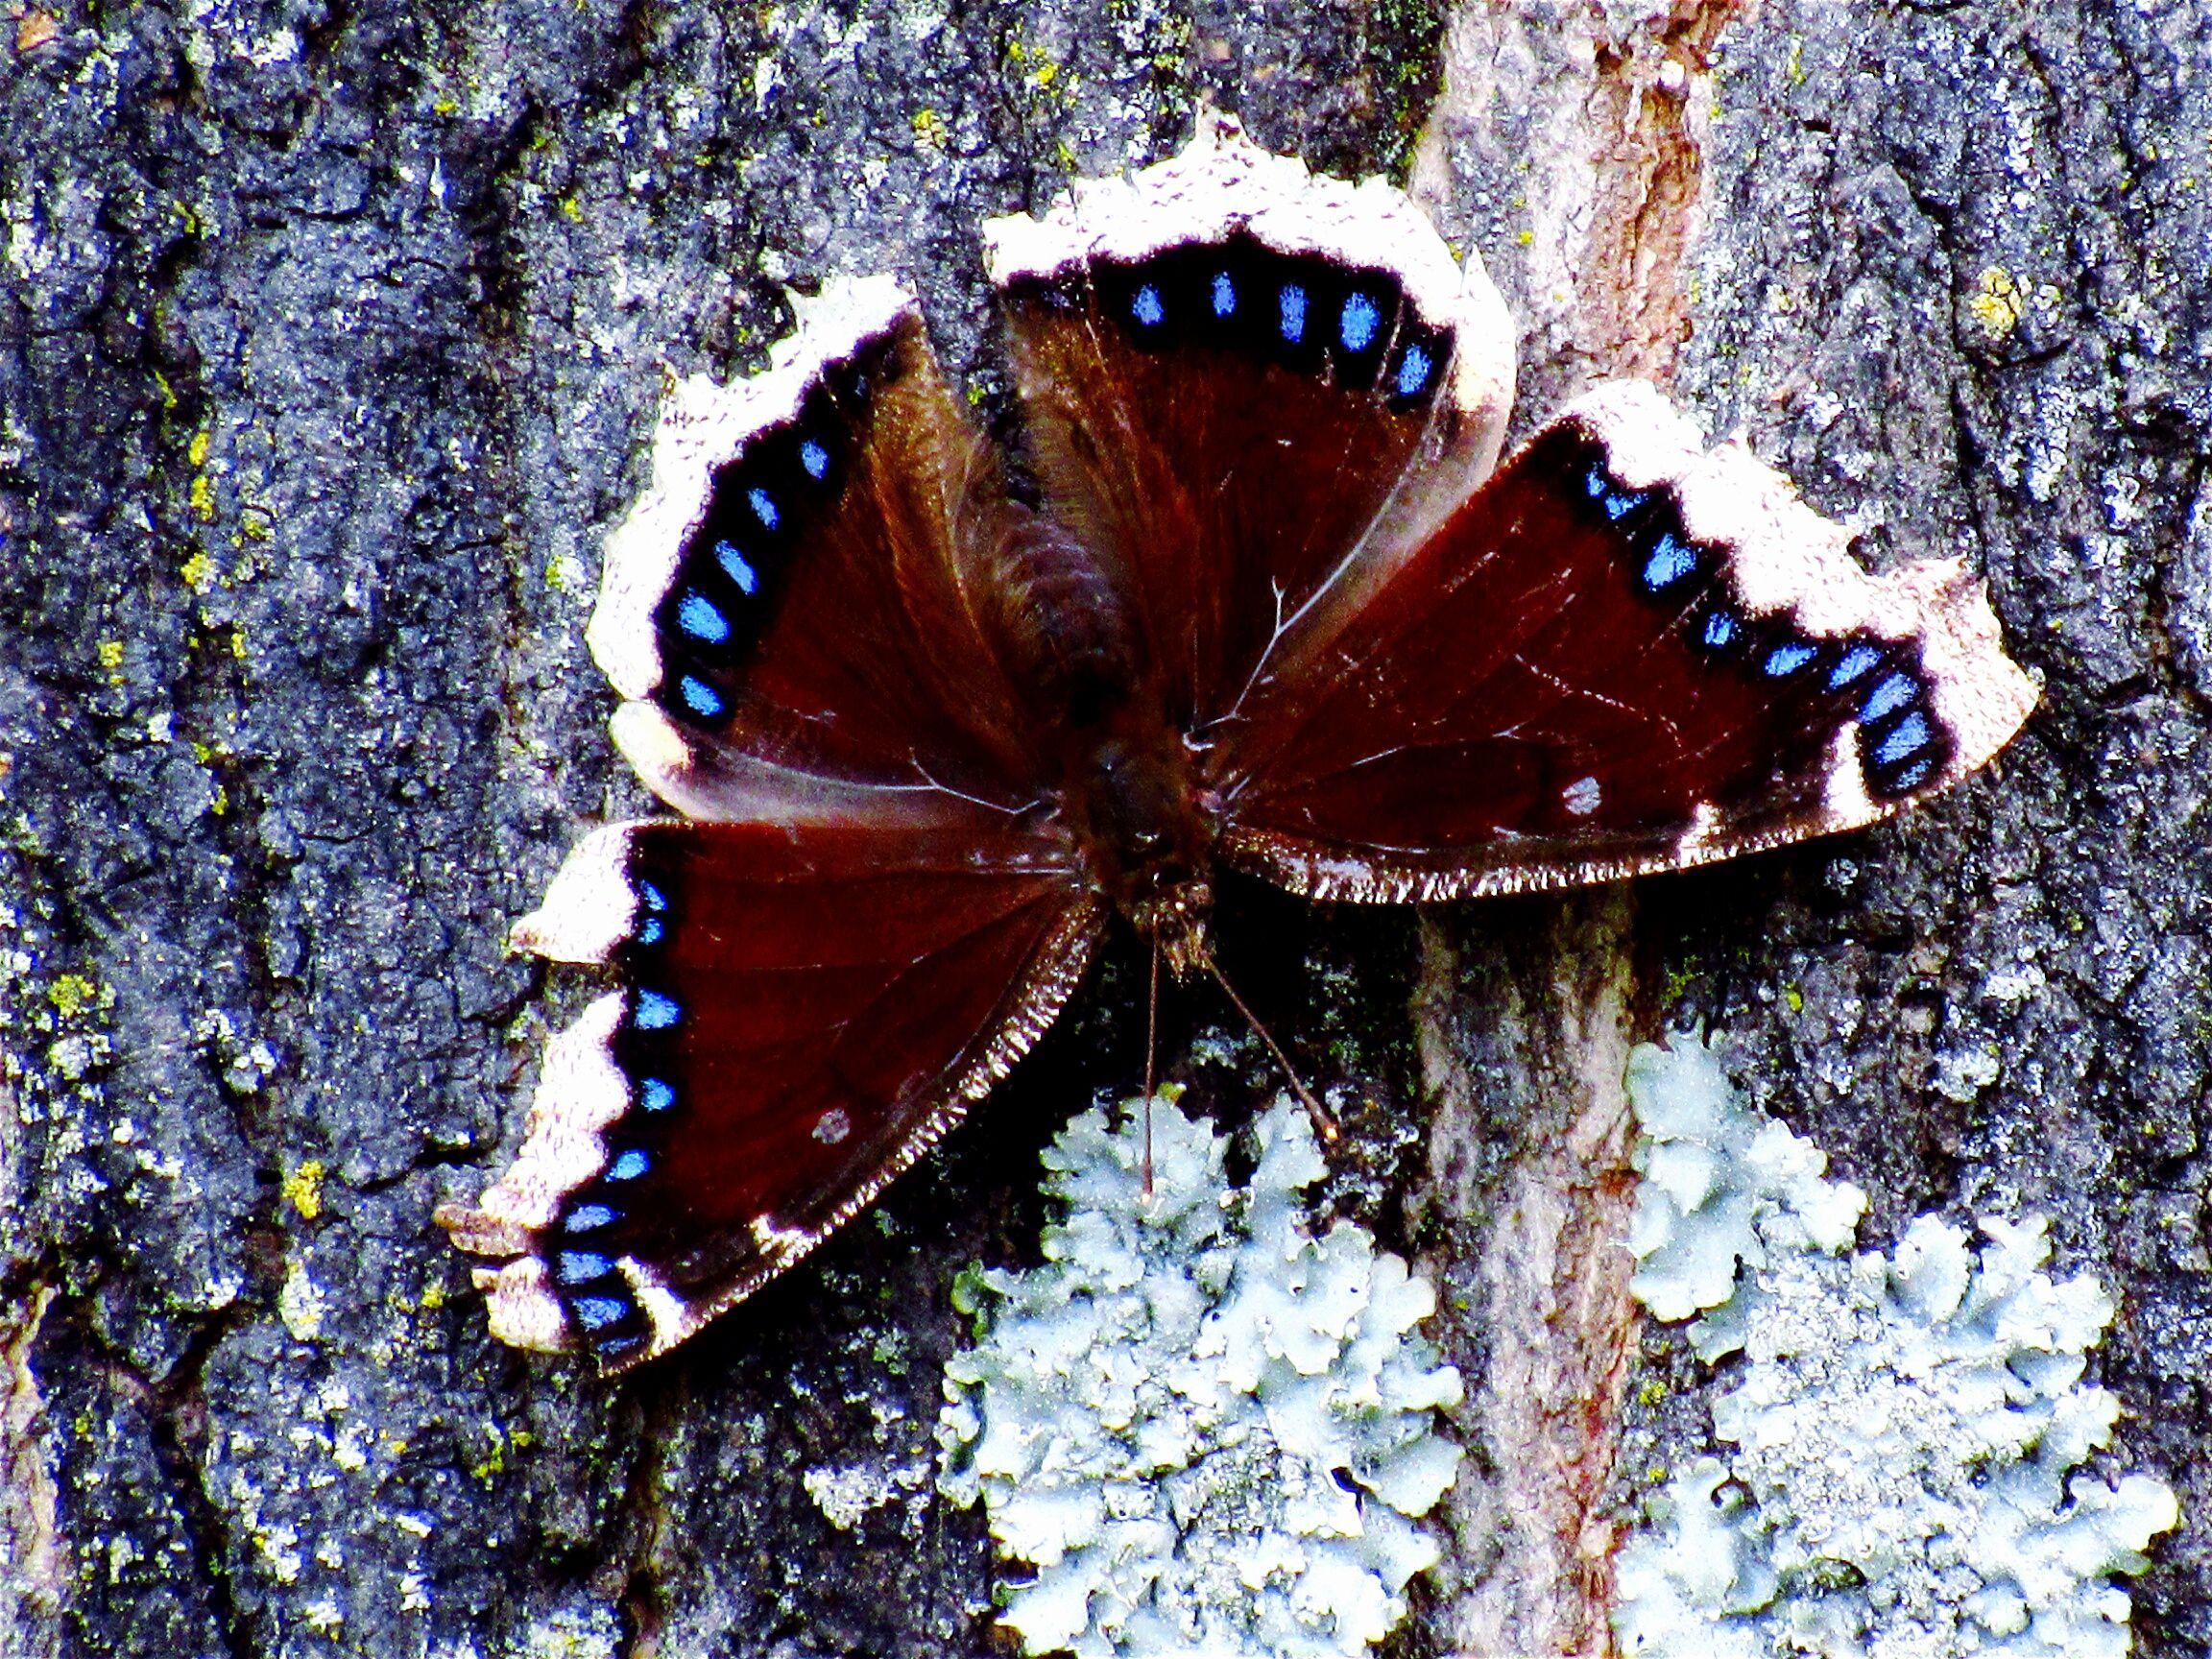 Mariposa alimentándose de la savia de los árboles.